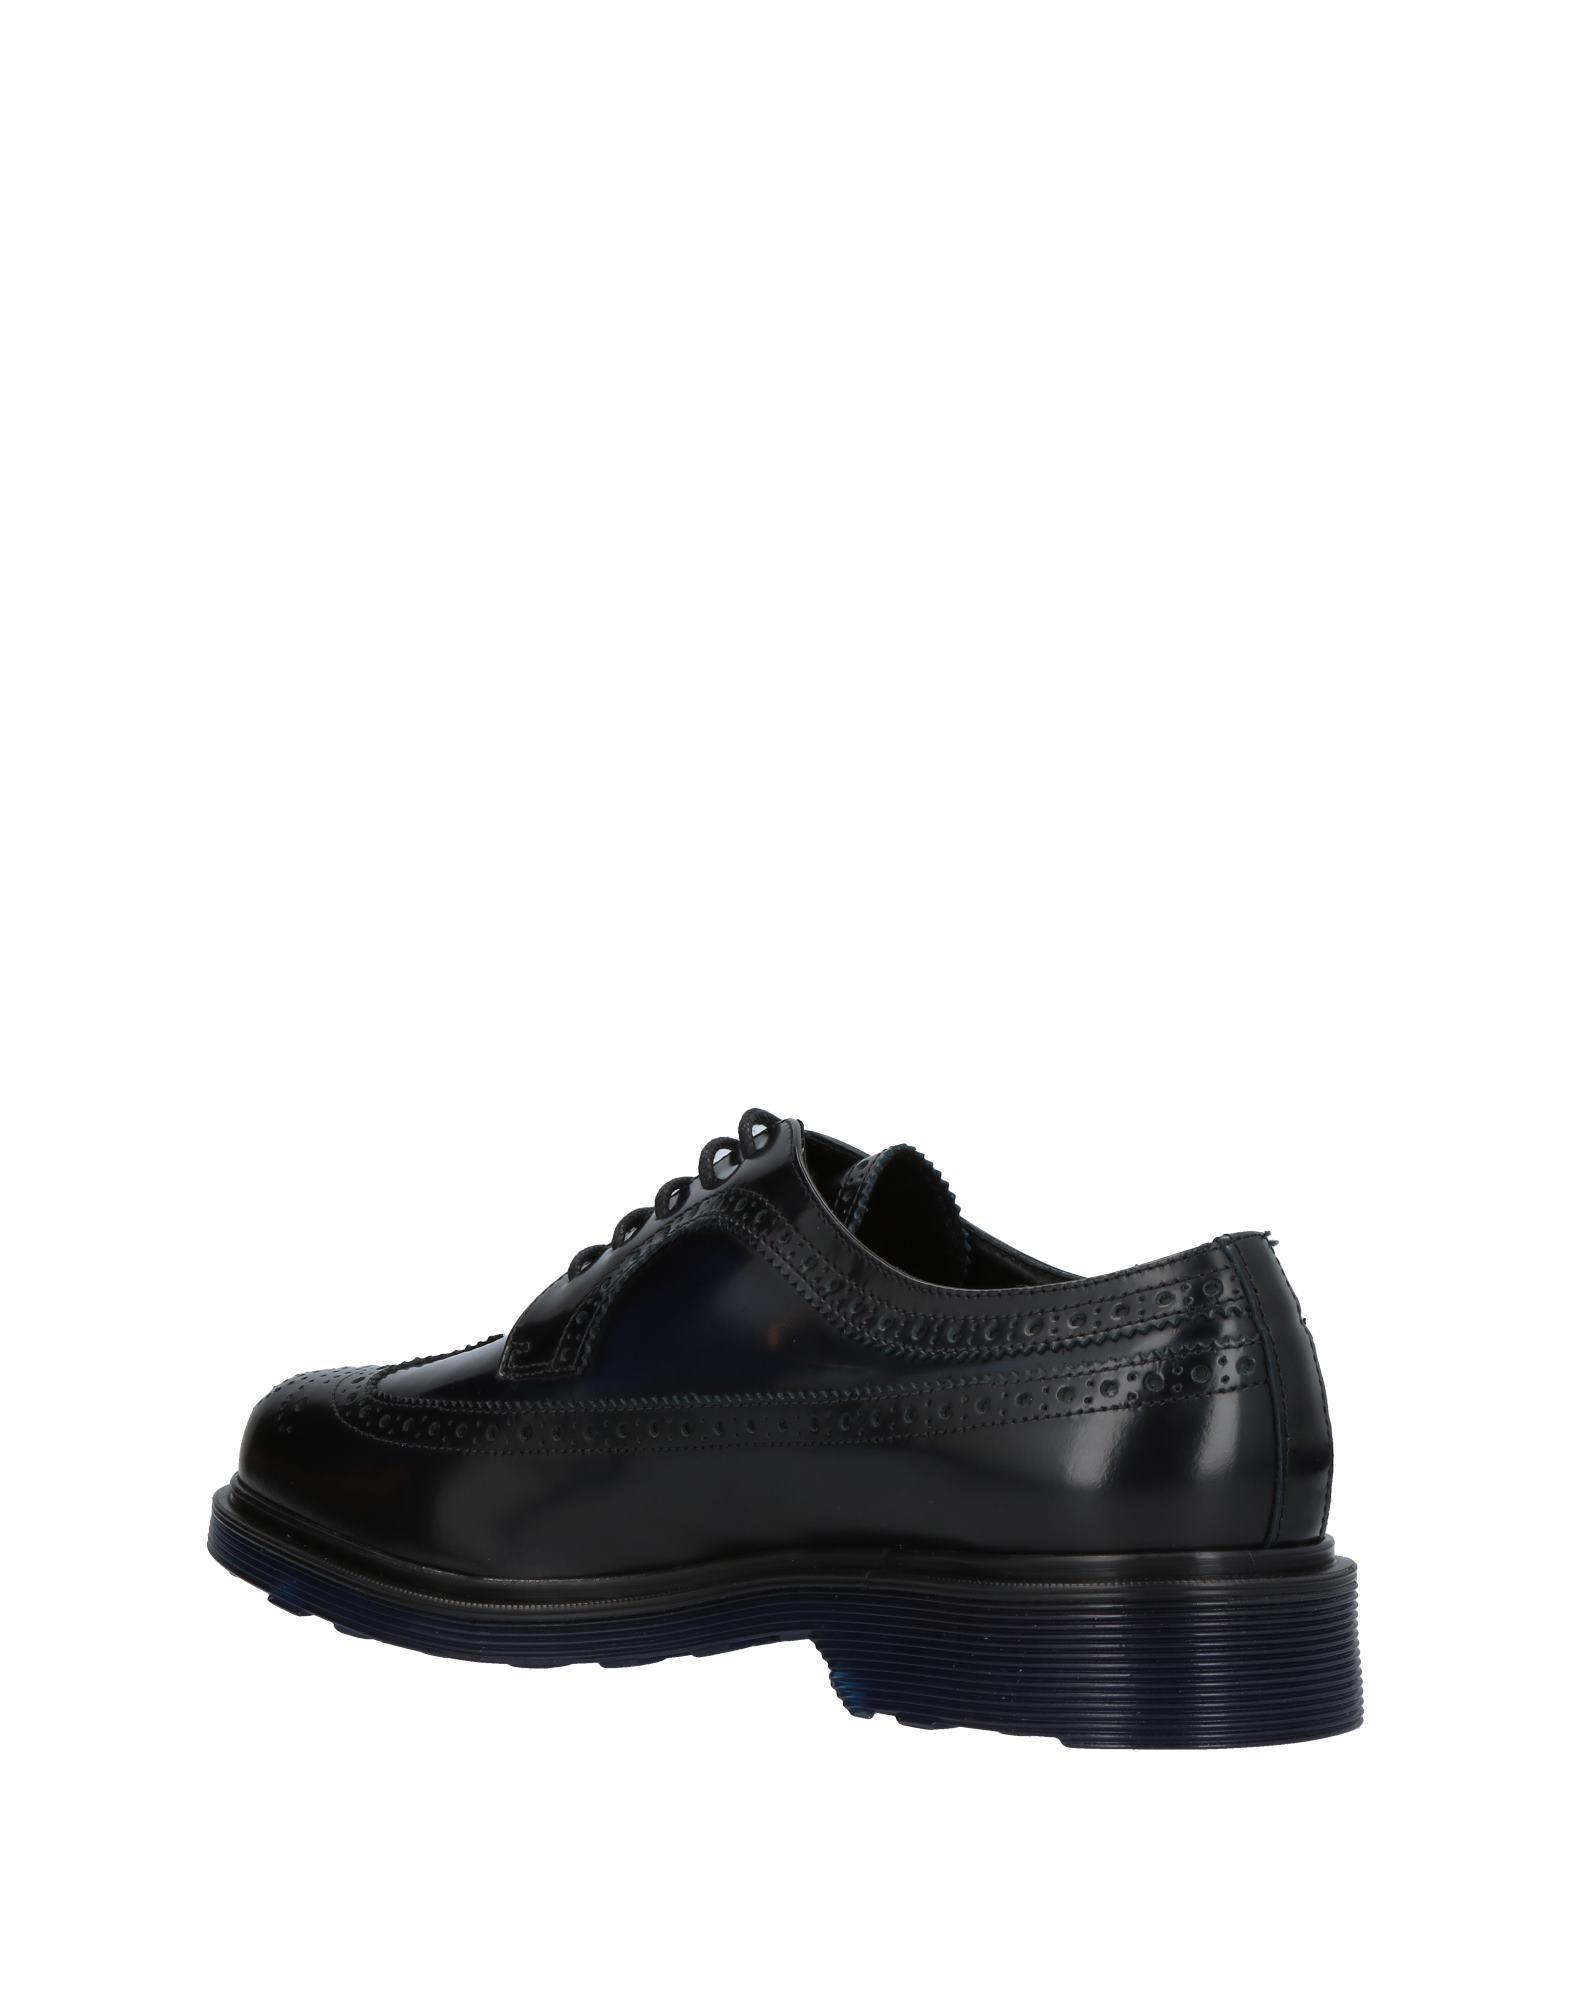 Rabatt echte Schuhe 11367535LH Cult Schnürschuhe Herren  11367535LH Schuhe 18de98